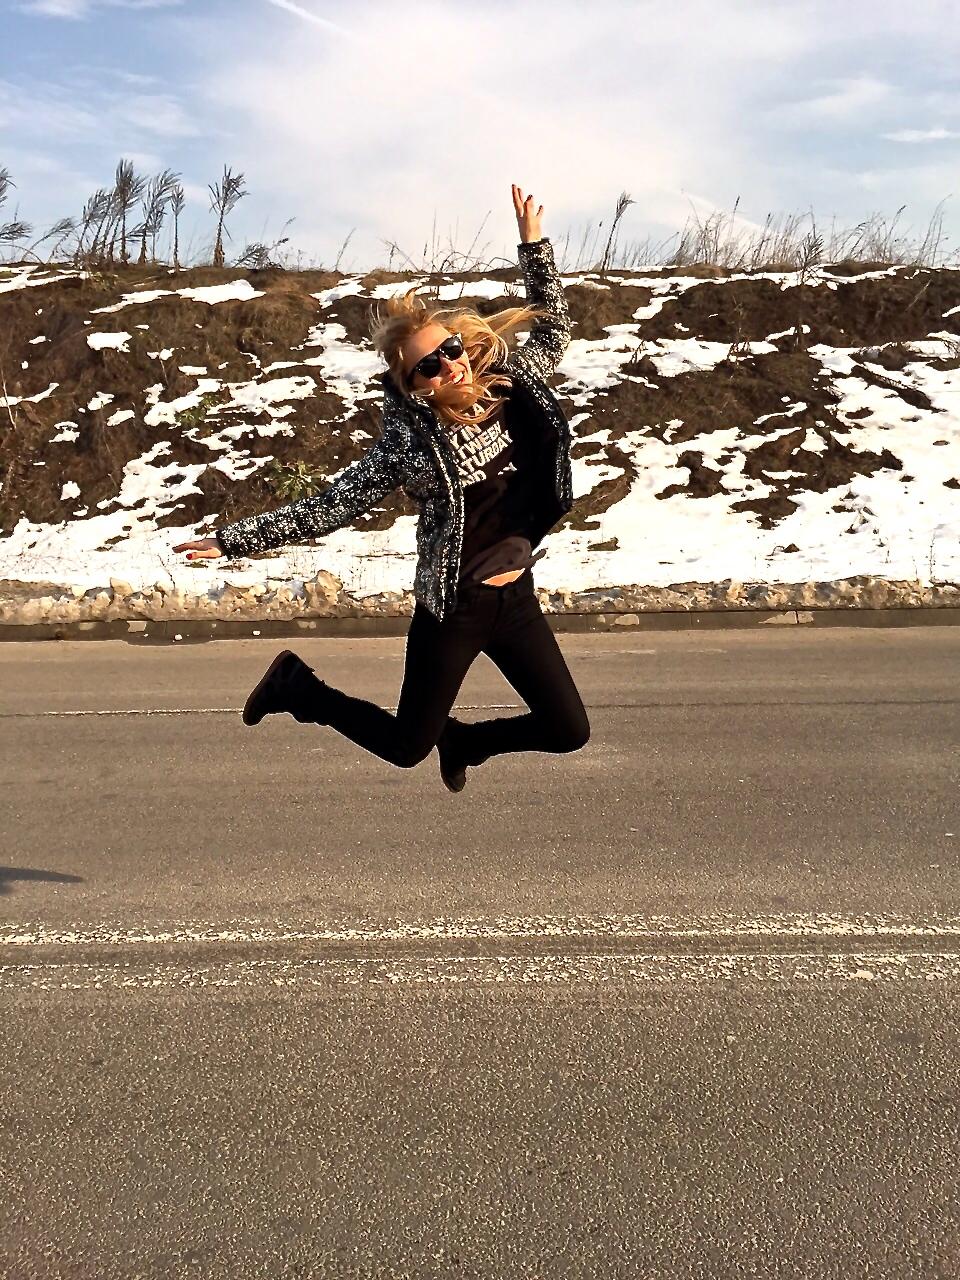 oz jump